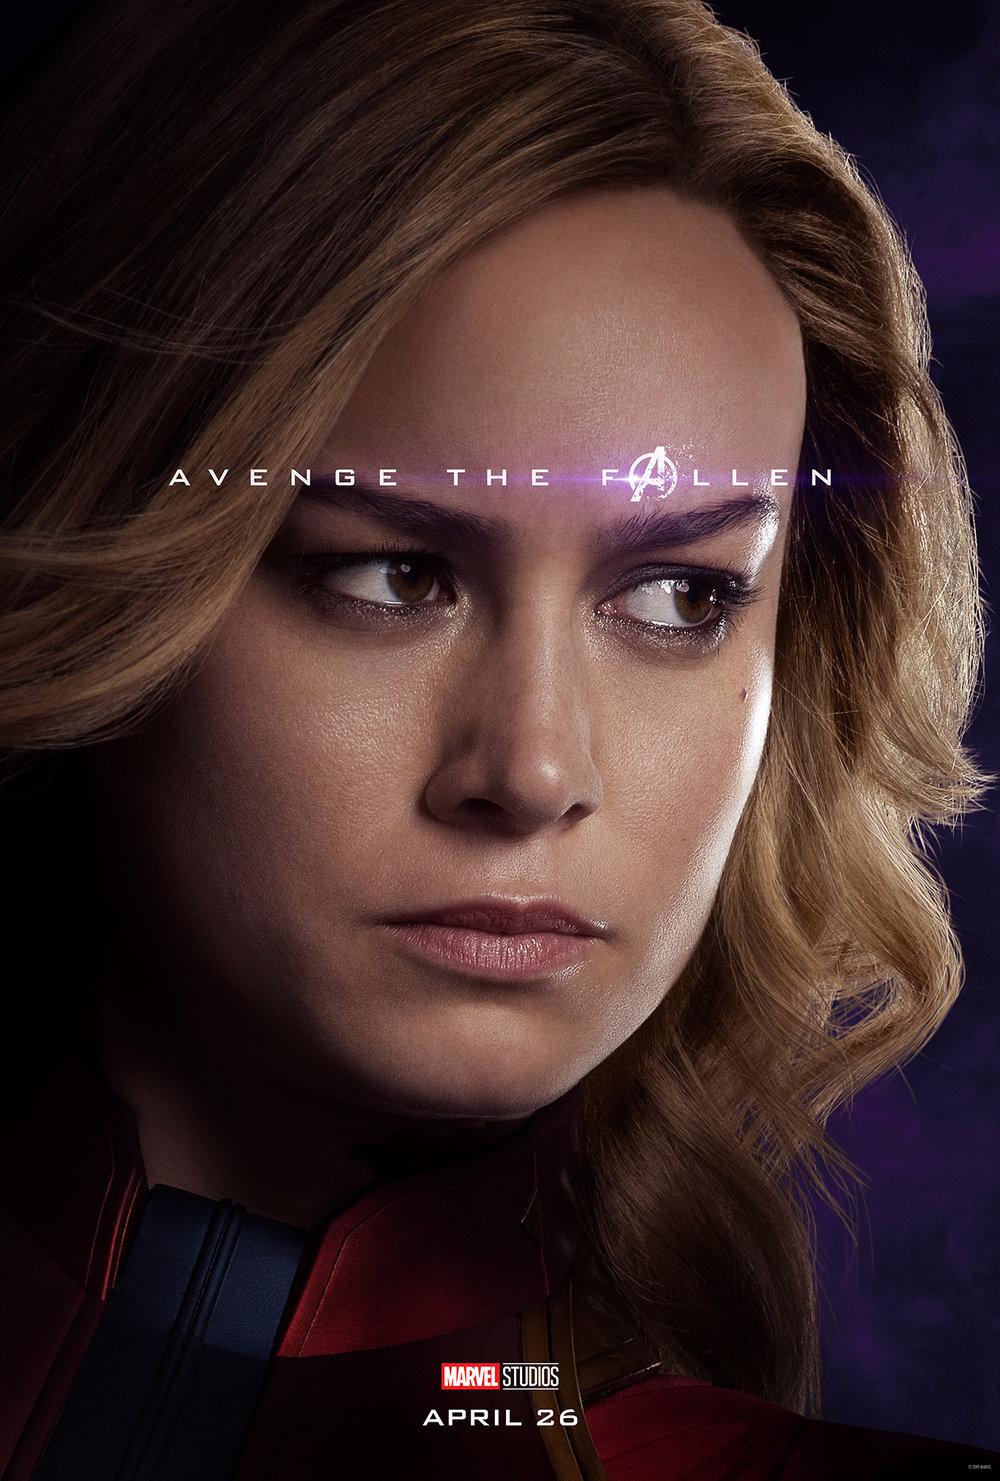 Avengers_Endgame_Char1Sht_CM_REV_Avenge_mech2_FS_100dpi.jpg